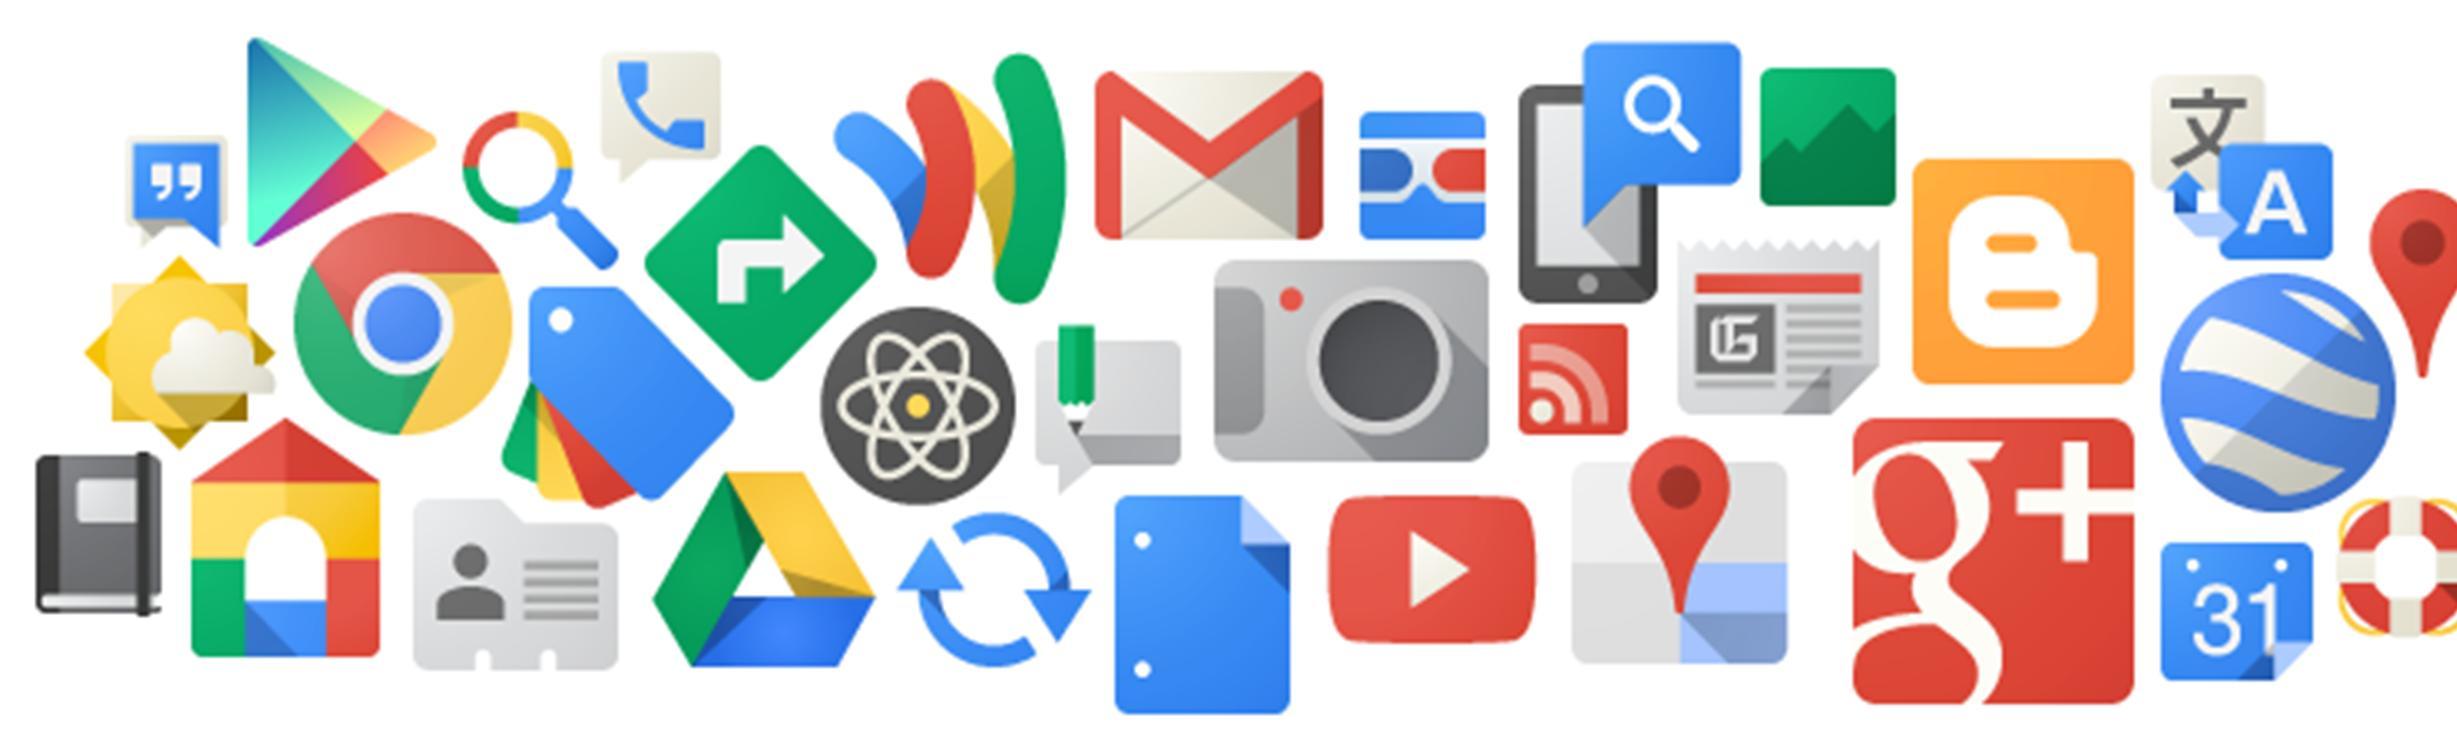 google-apps.jpg